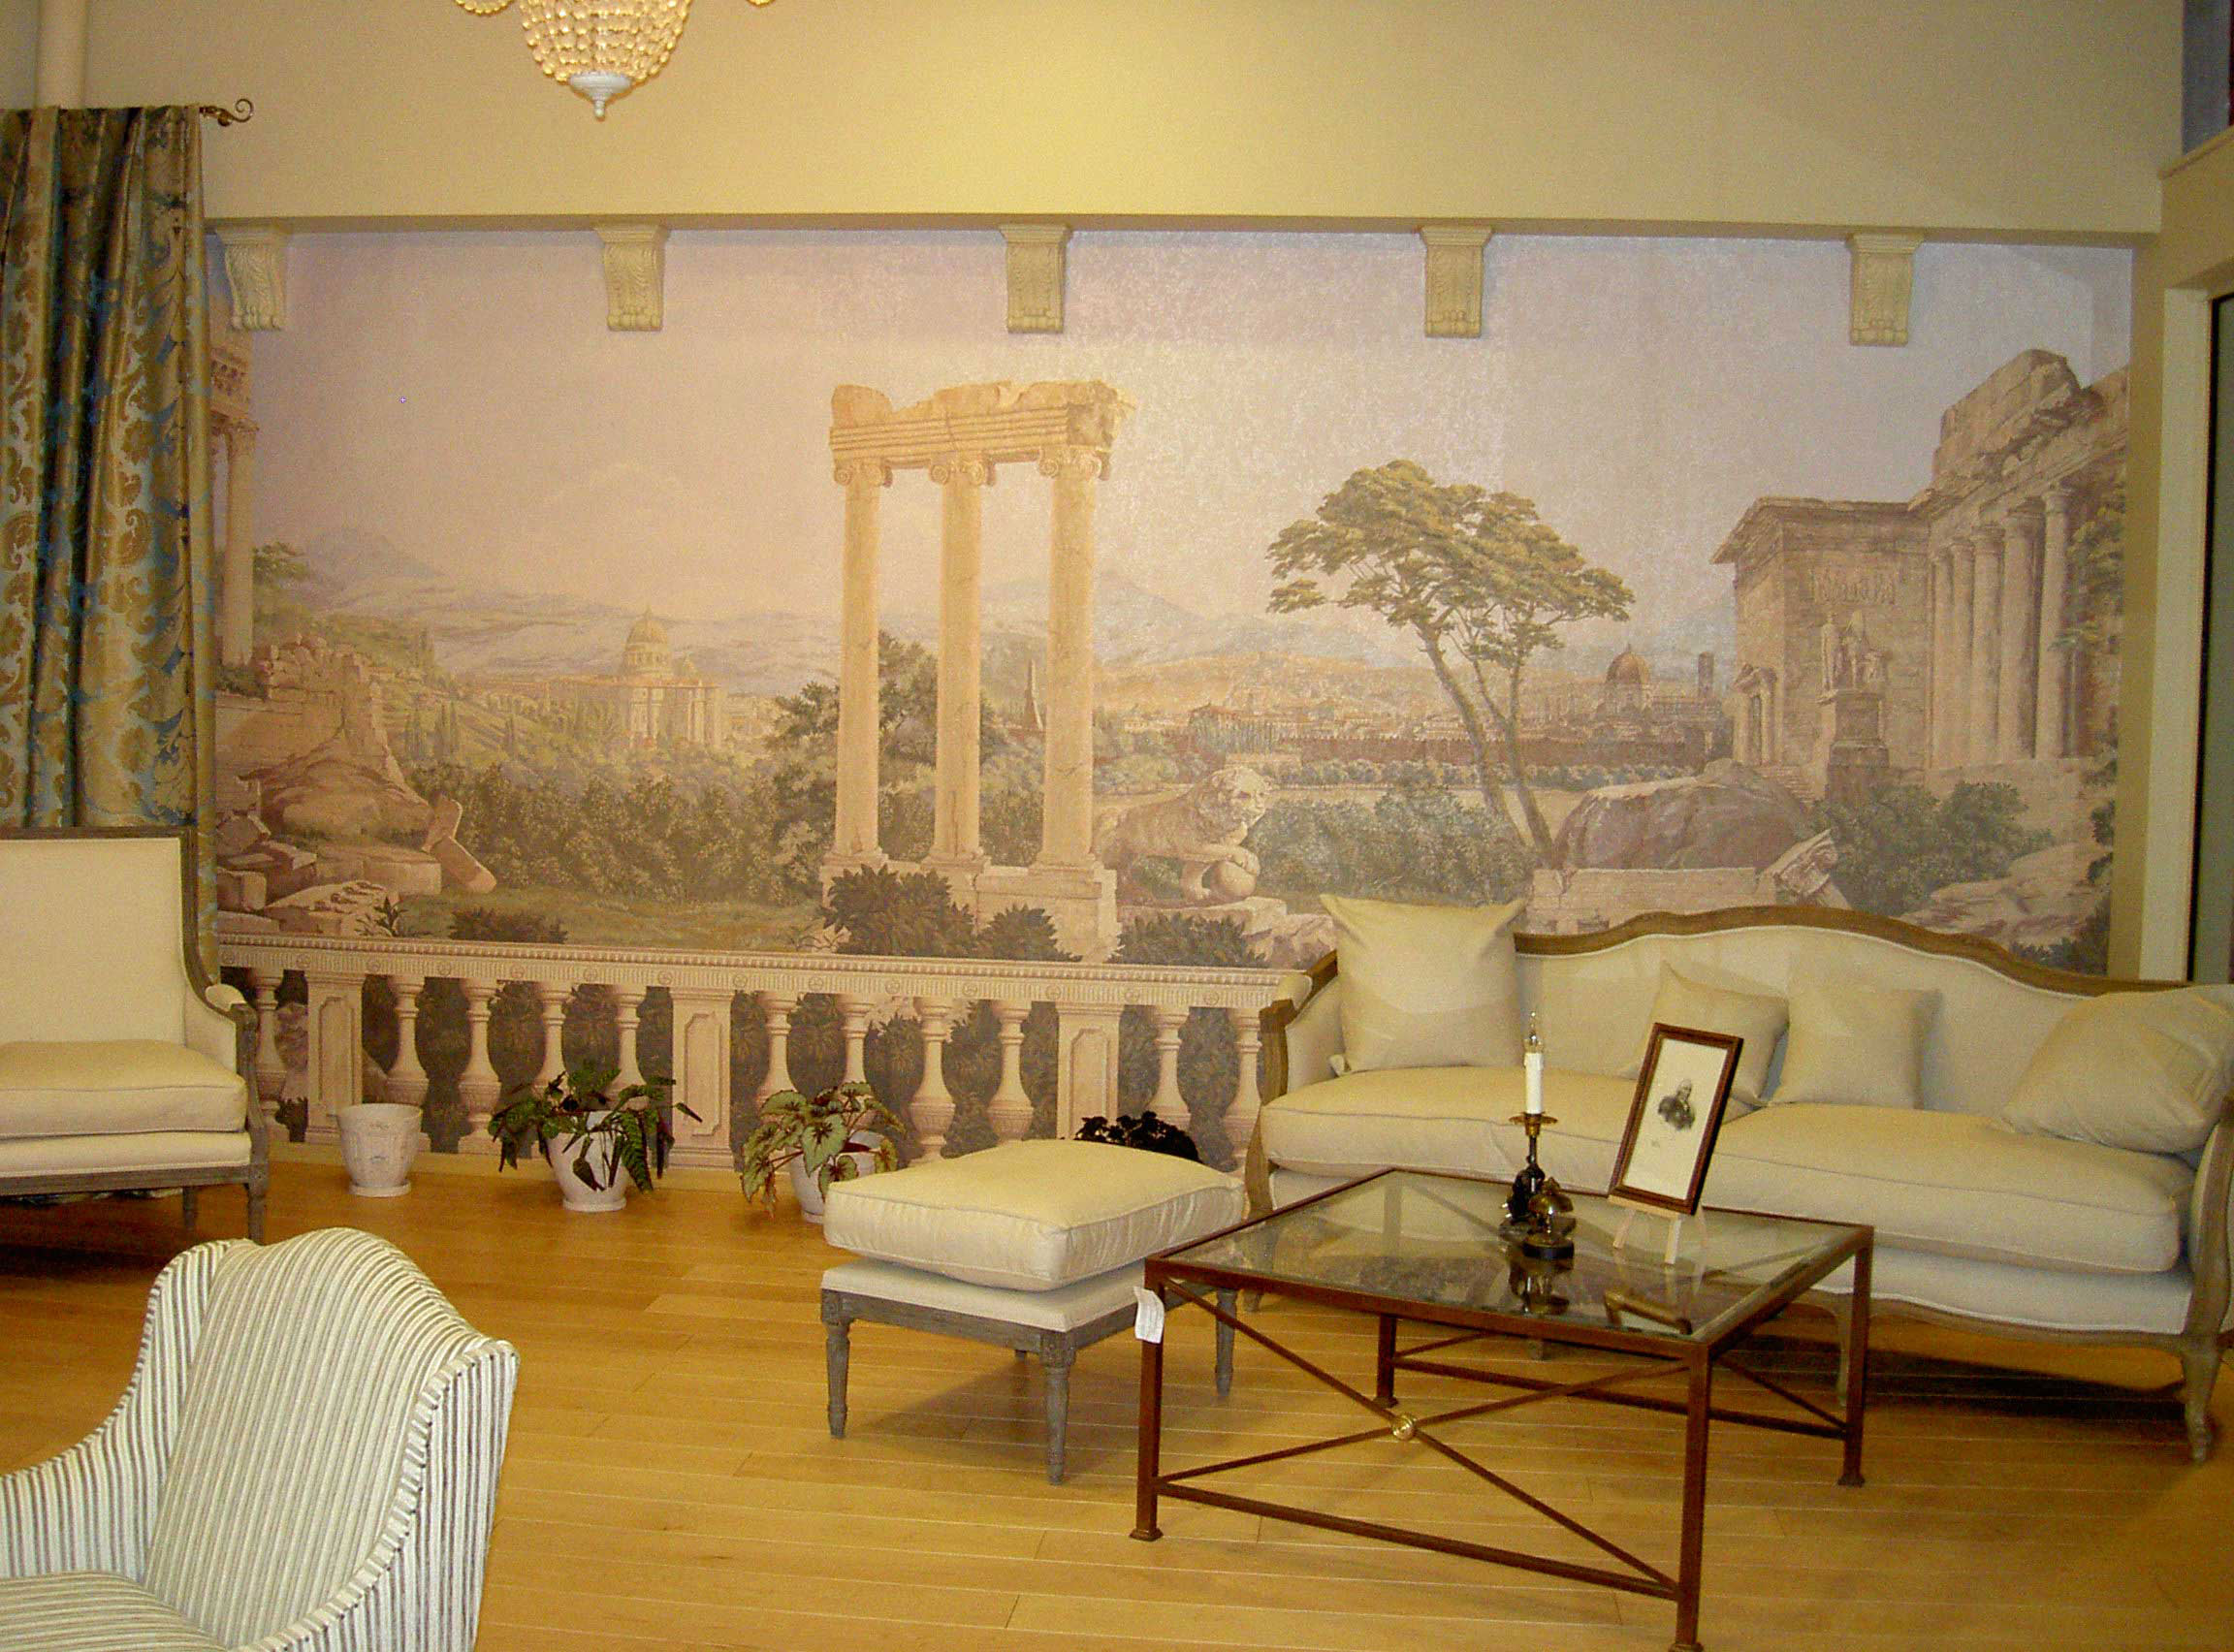 Дизайн интерьера с фреской картиной